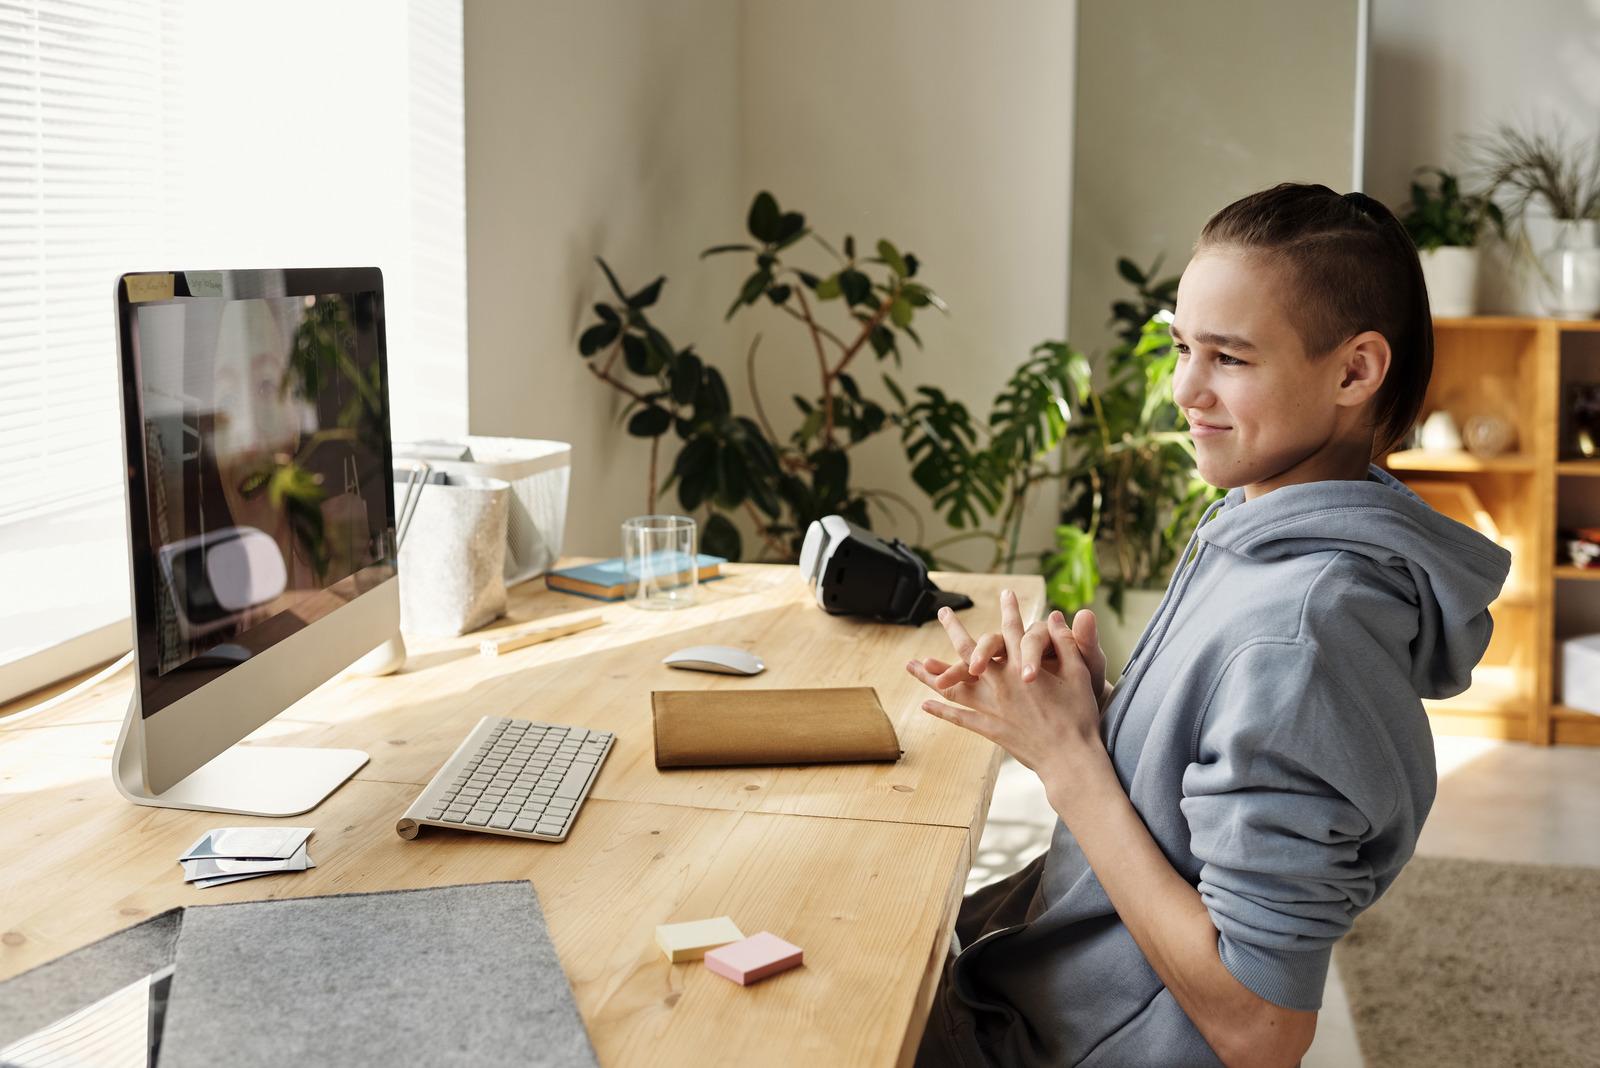 Online tutoring via Zoom